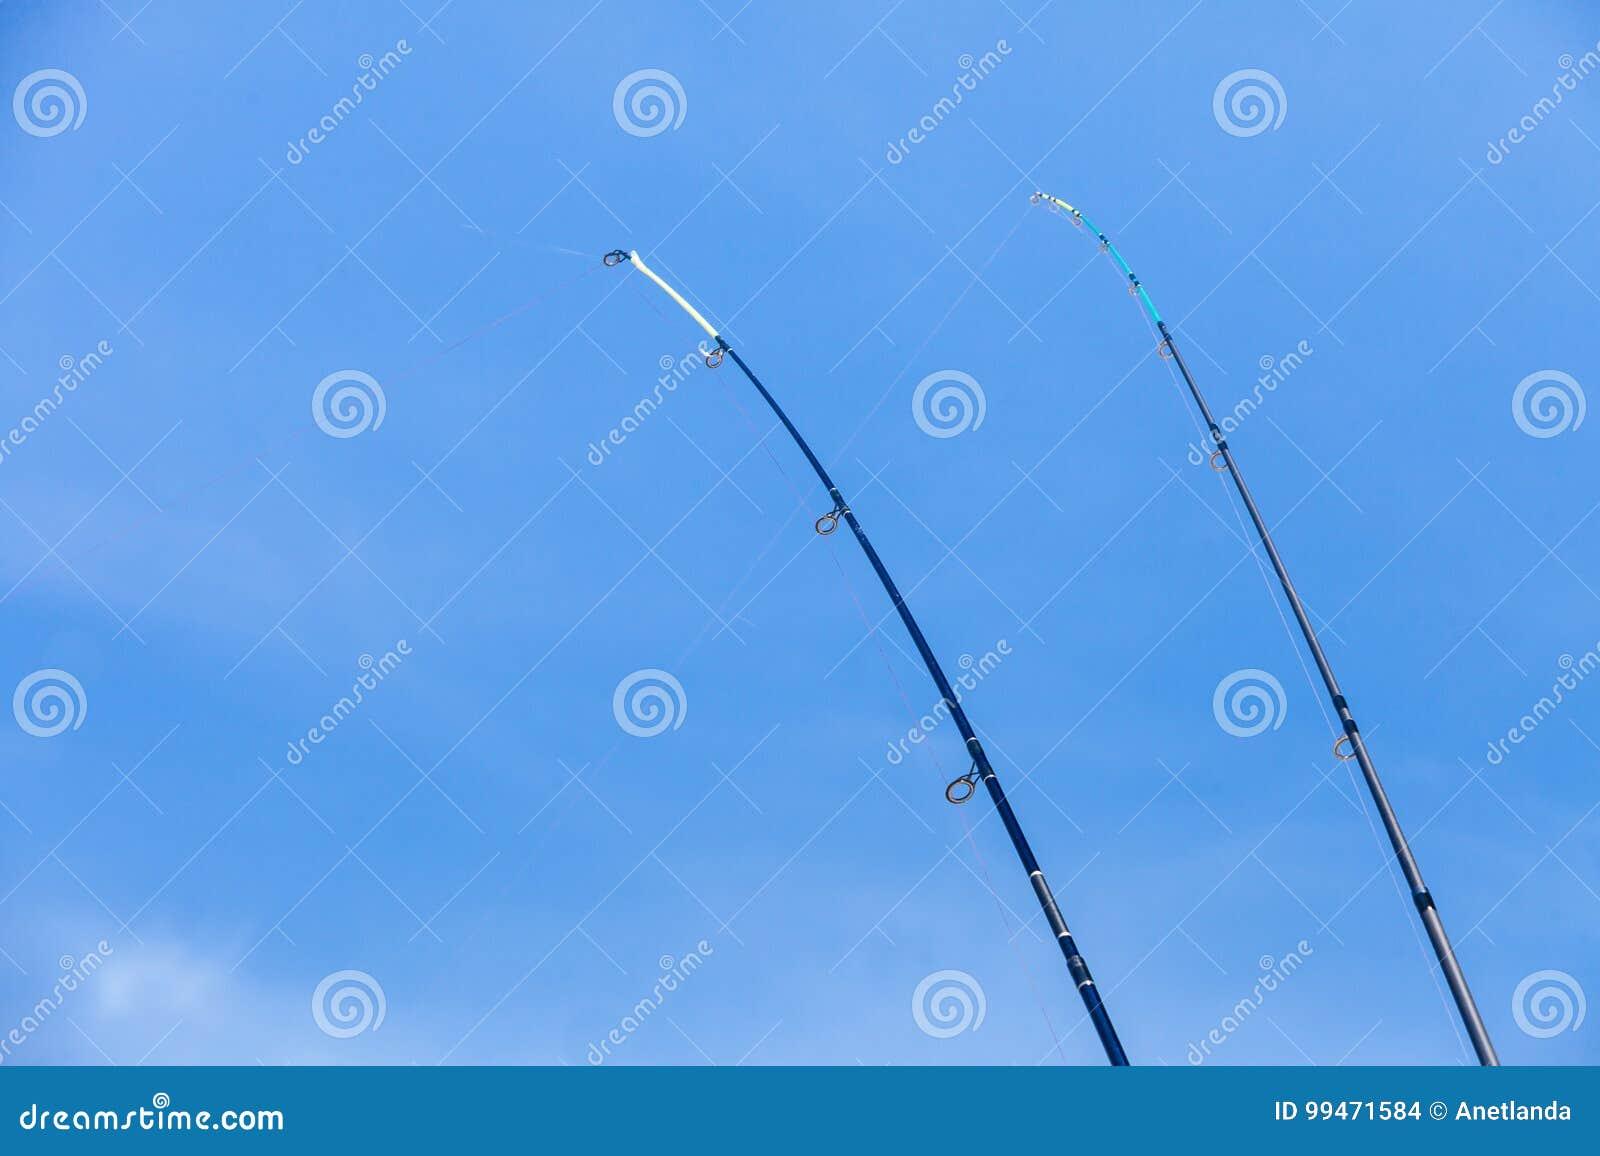 Dos cañas de pescar con el cielo azul en fondo